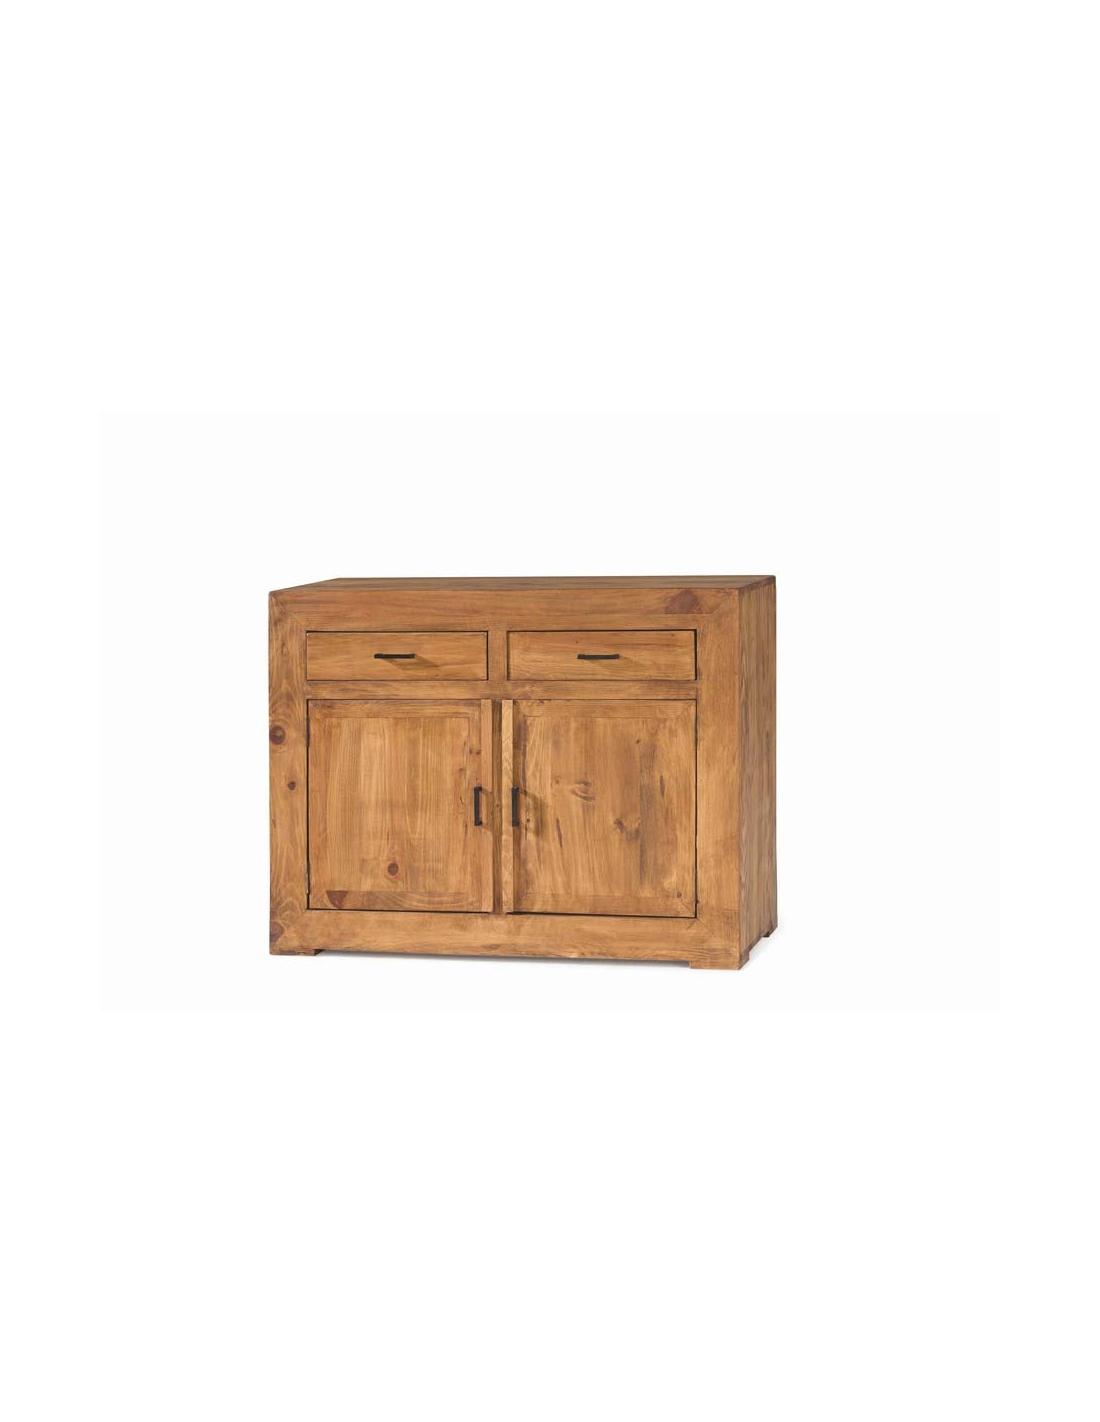 Comprar c moda de madera de 116 cm de ancho colecci n zoom for Comoda 50 cm ancho